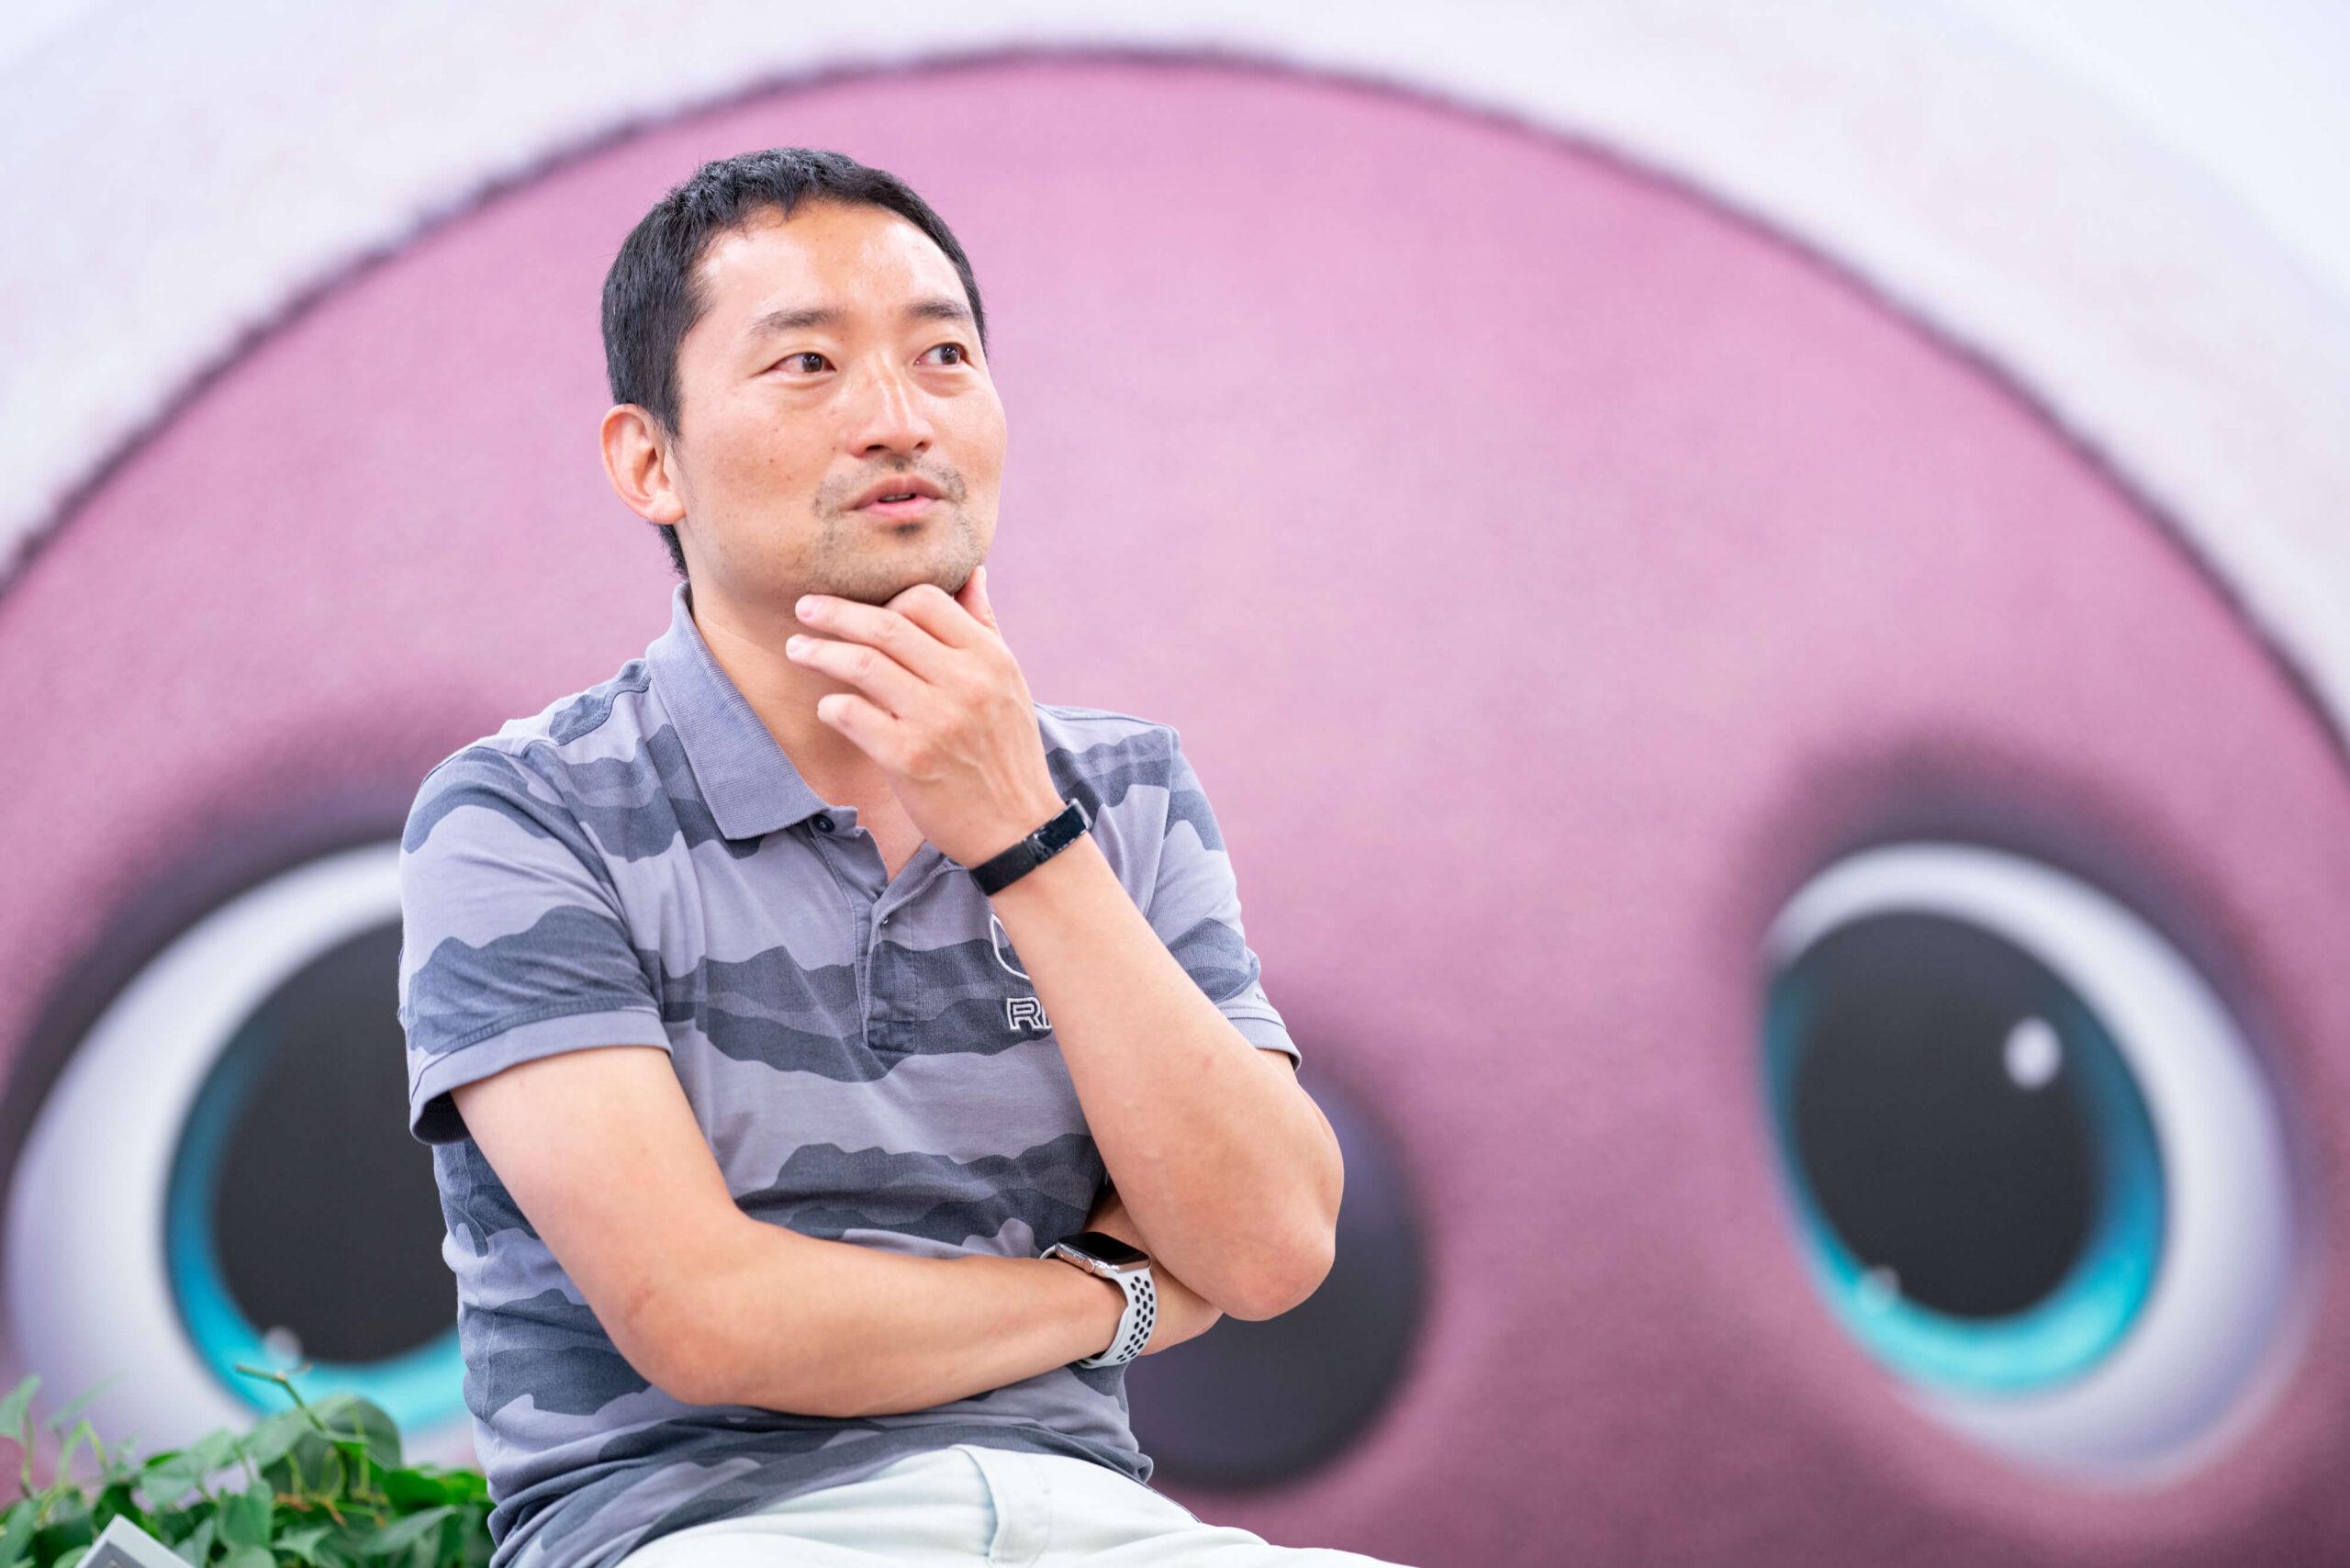 株式会社シンクロ CEO 兼 GROOVE X株式会社 CMO 西井敏恭氏